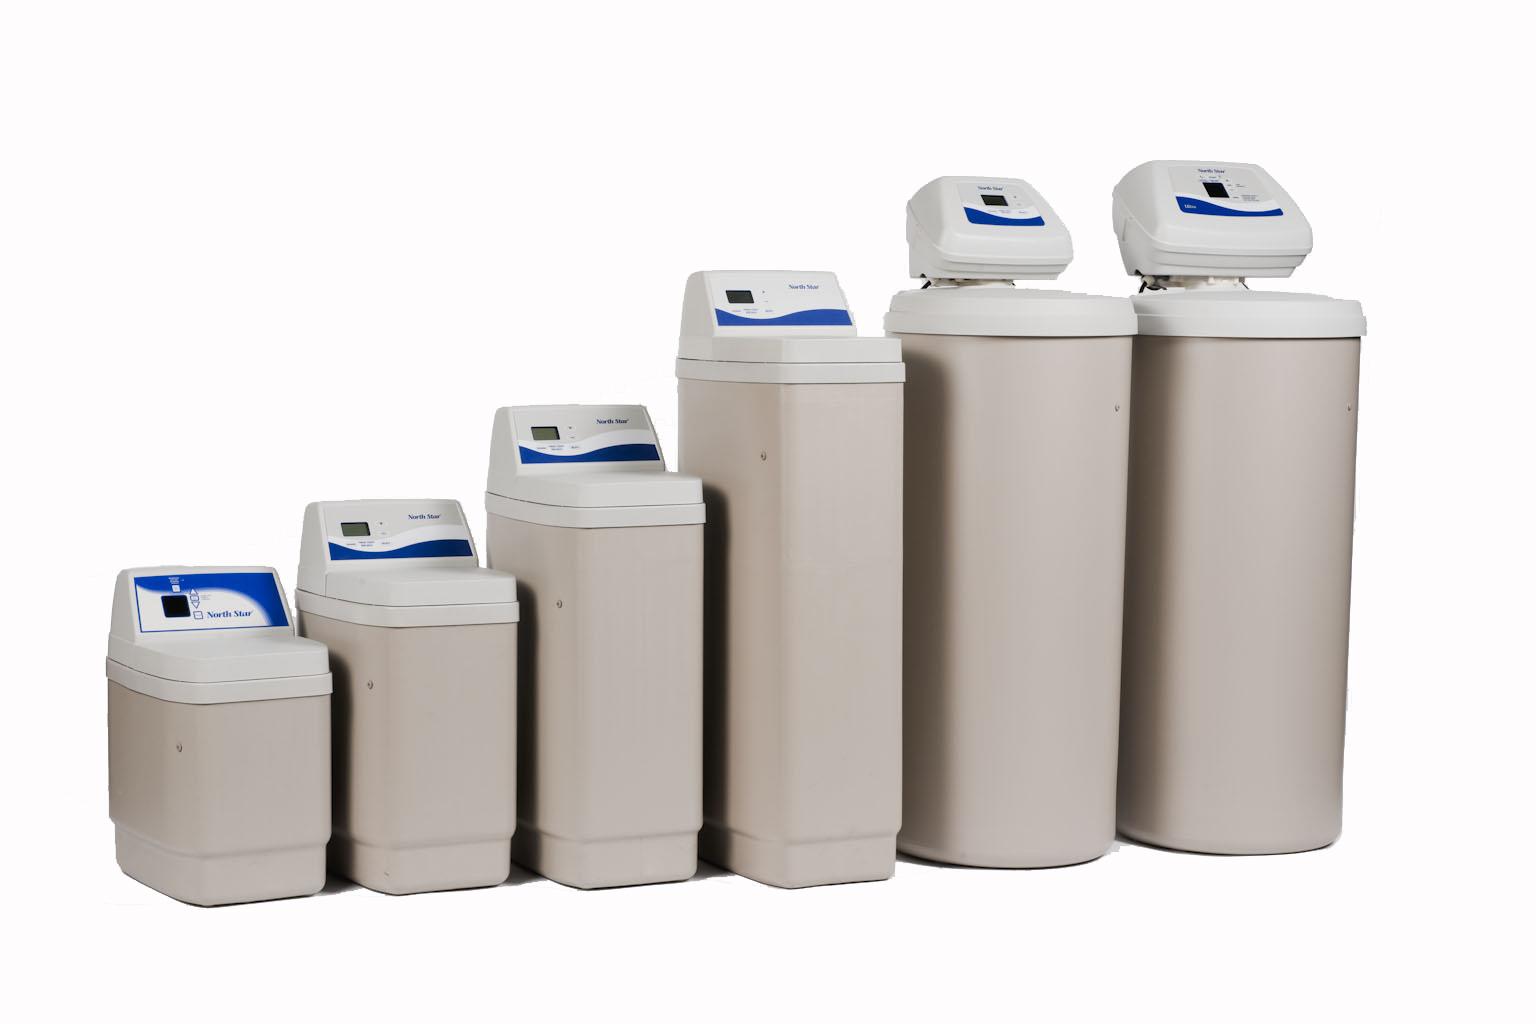 ATEC Pomp- en Filtertechniek Barneveld (img nr 2)